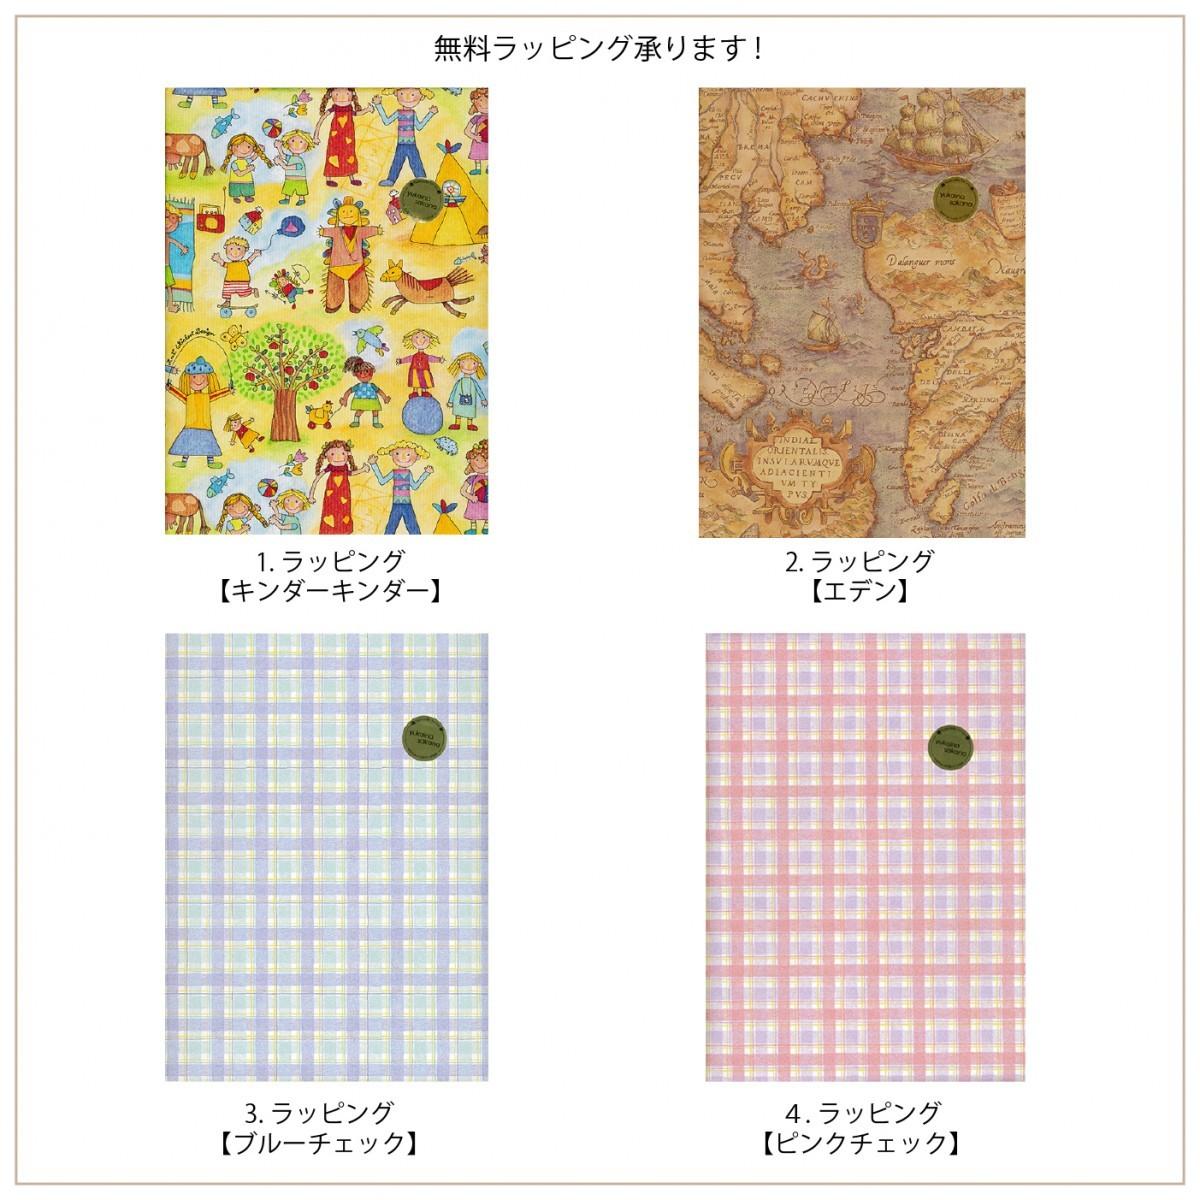 メビウスゲームズ(ツォッホ) おばけキャッチ (Geistesblitz) 日本語箱 ボードゲームの商品画像 4